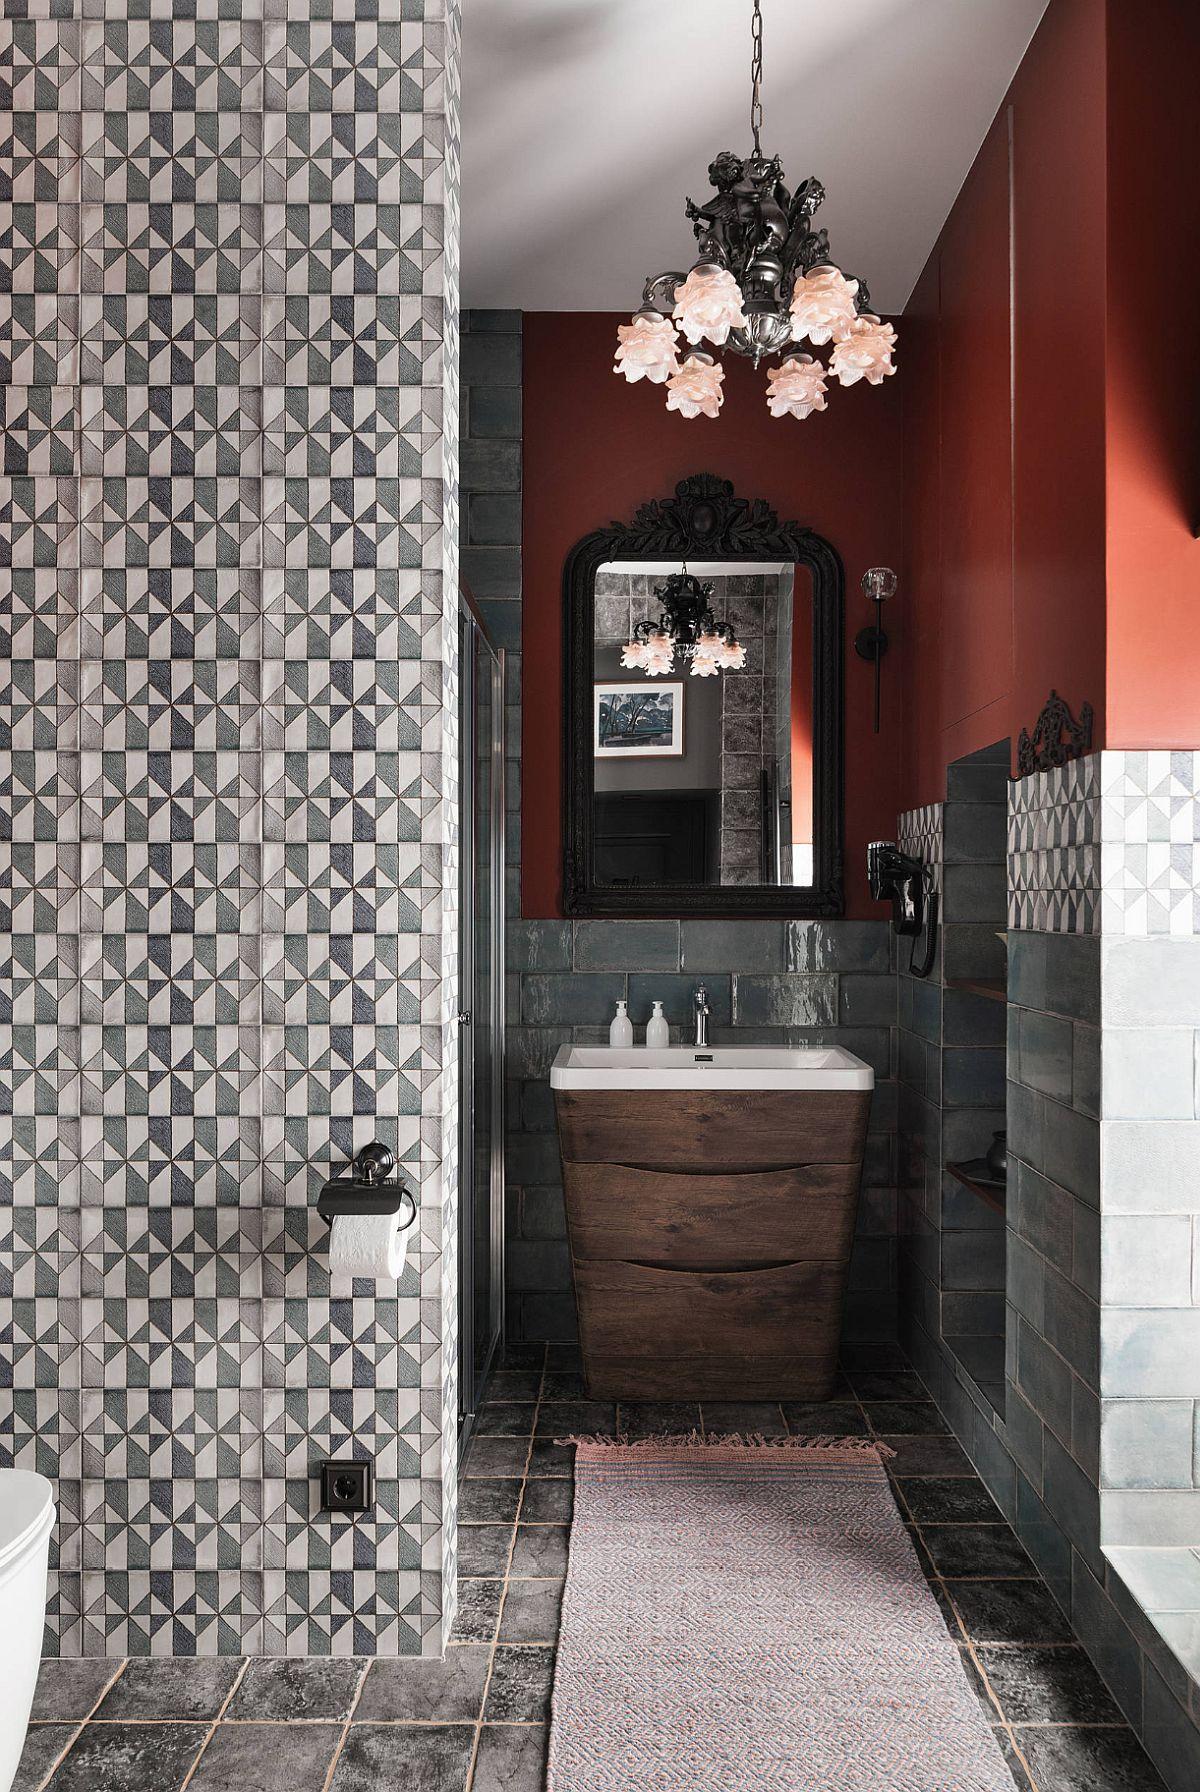 Nuanța de roșu este neașteptată într-o cameră de baie, dar aici pune în evidență turcoazul plăcilor ceramice și se asortează cu cele în alb și negru. De-a dreptul scenografică combinația de culori și texturi și trebuie să mărturisesc că e prima baie în care-mi place nuanța de roșu.